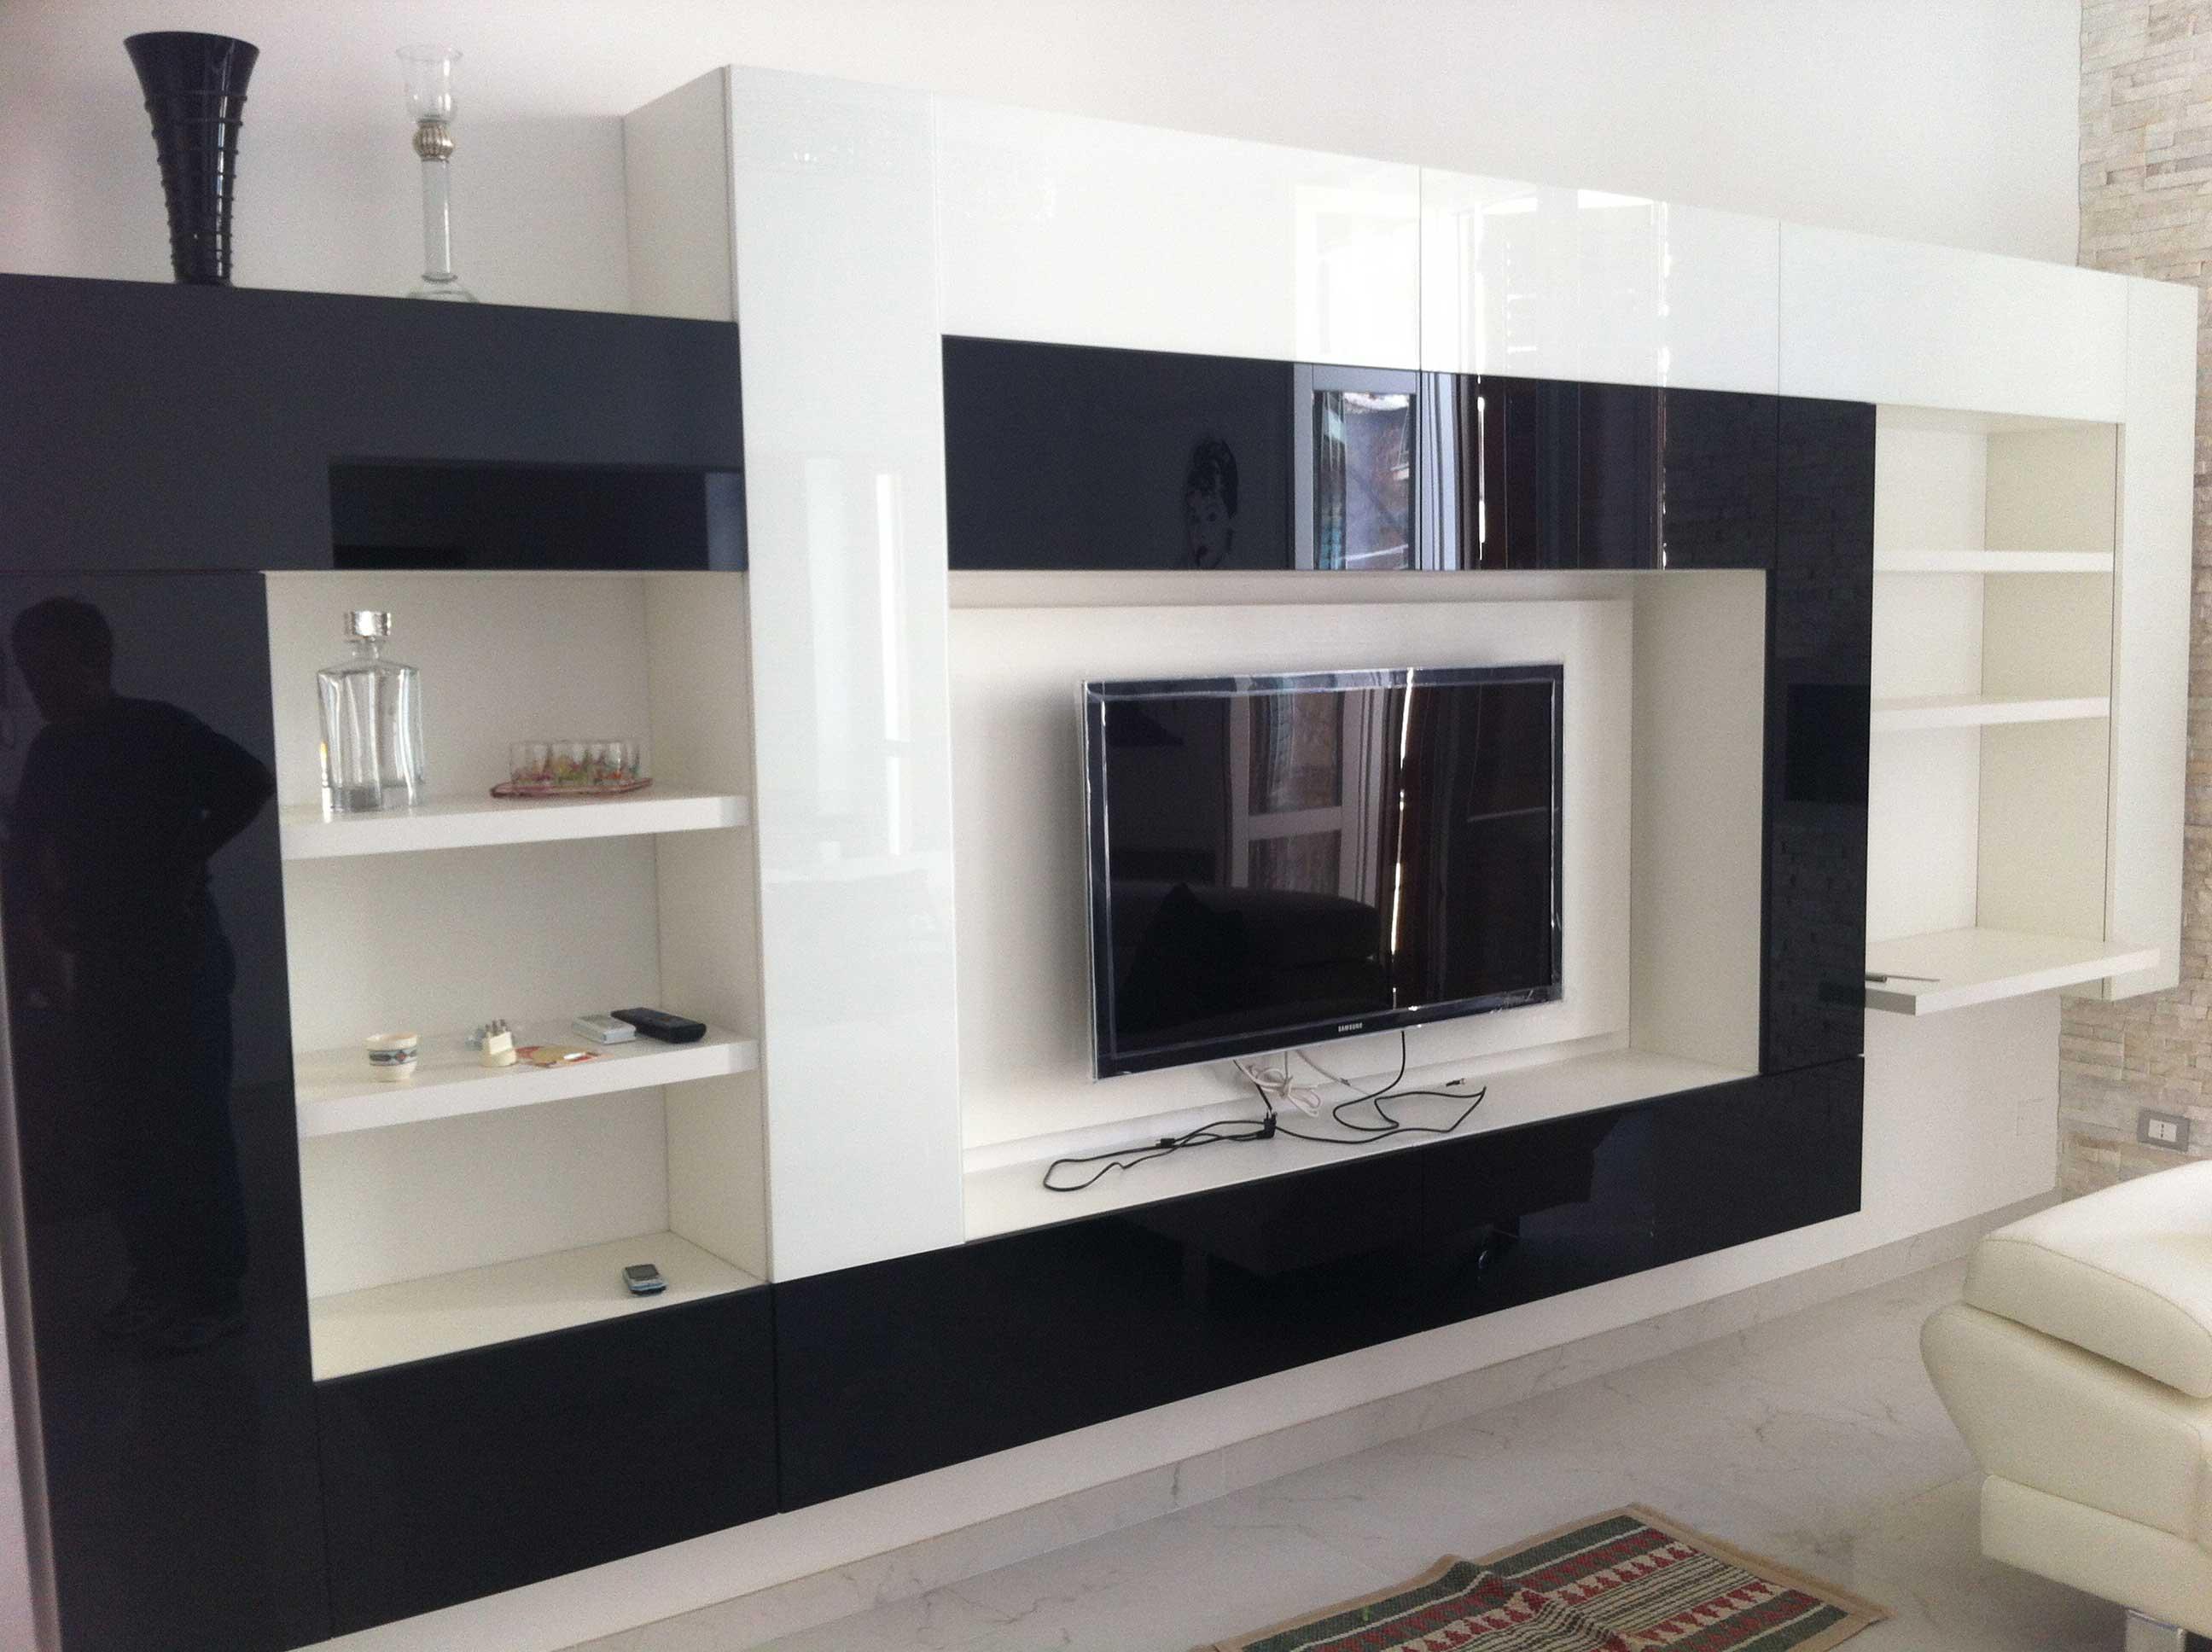 Tappeti moderni soggiorno torino duylinh for - Mobili per soggiorno moderni ...